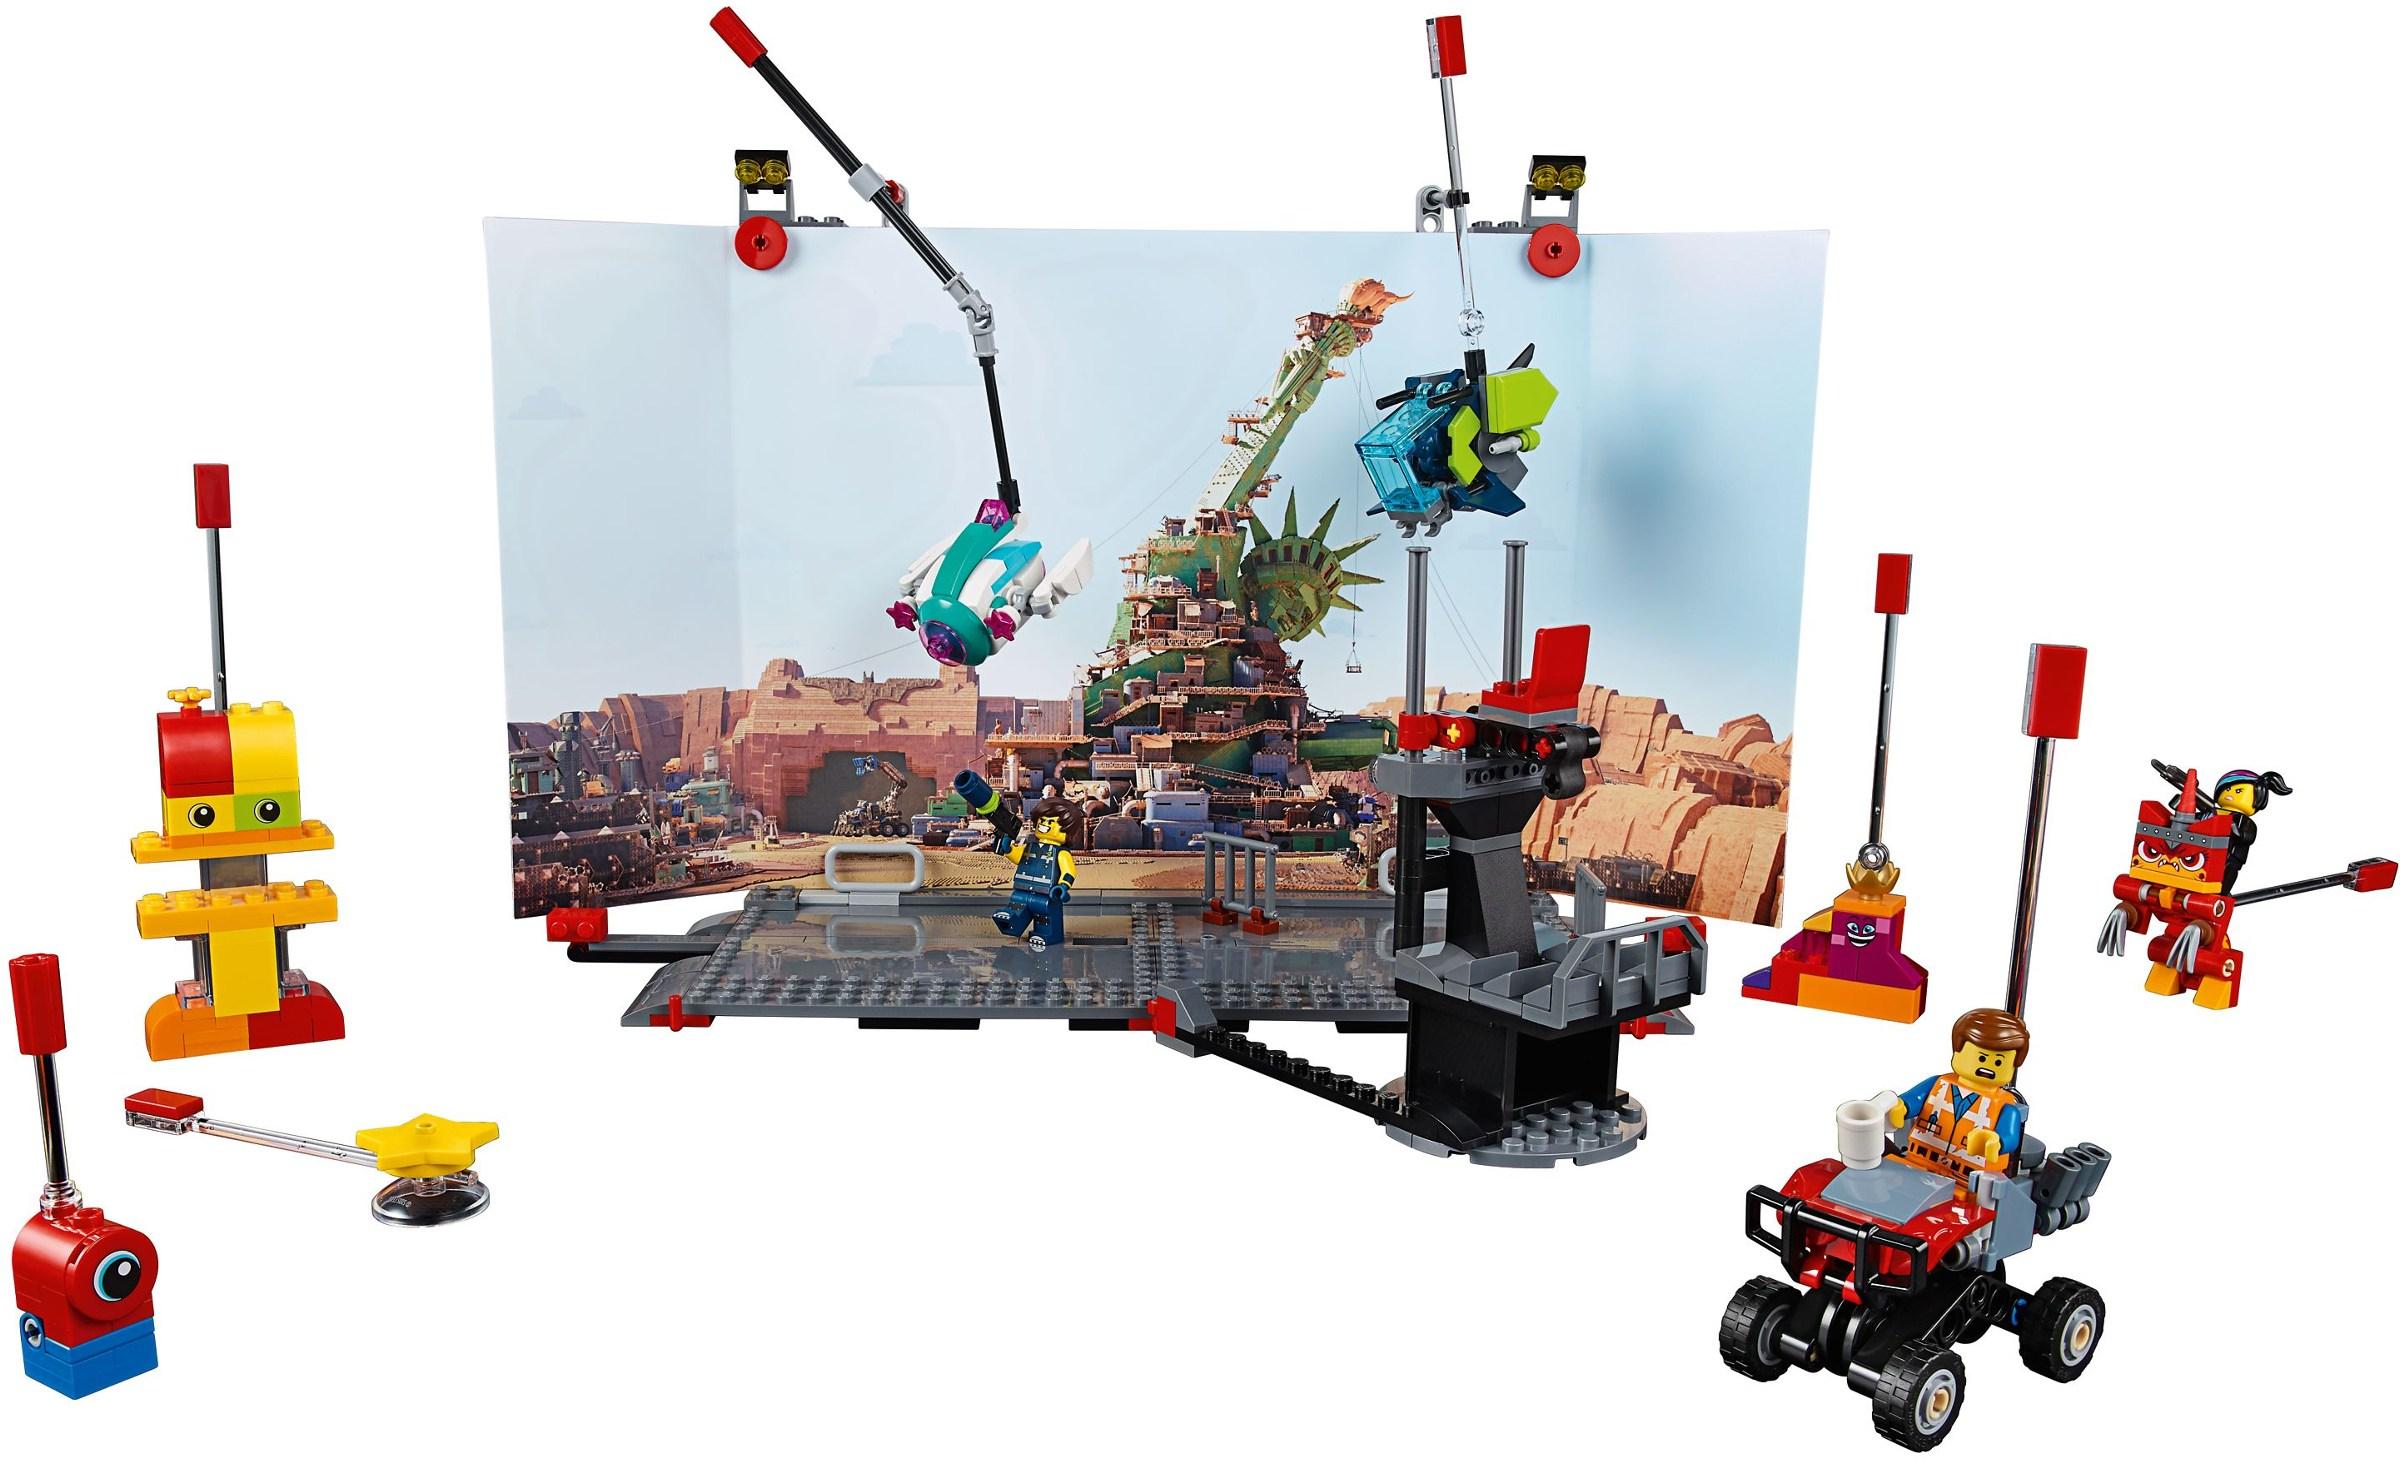 Lego 50 New Blue Plates 2 x 2 Dot Pieces Parts